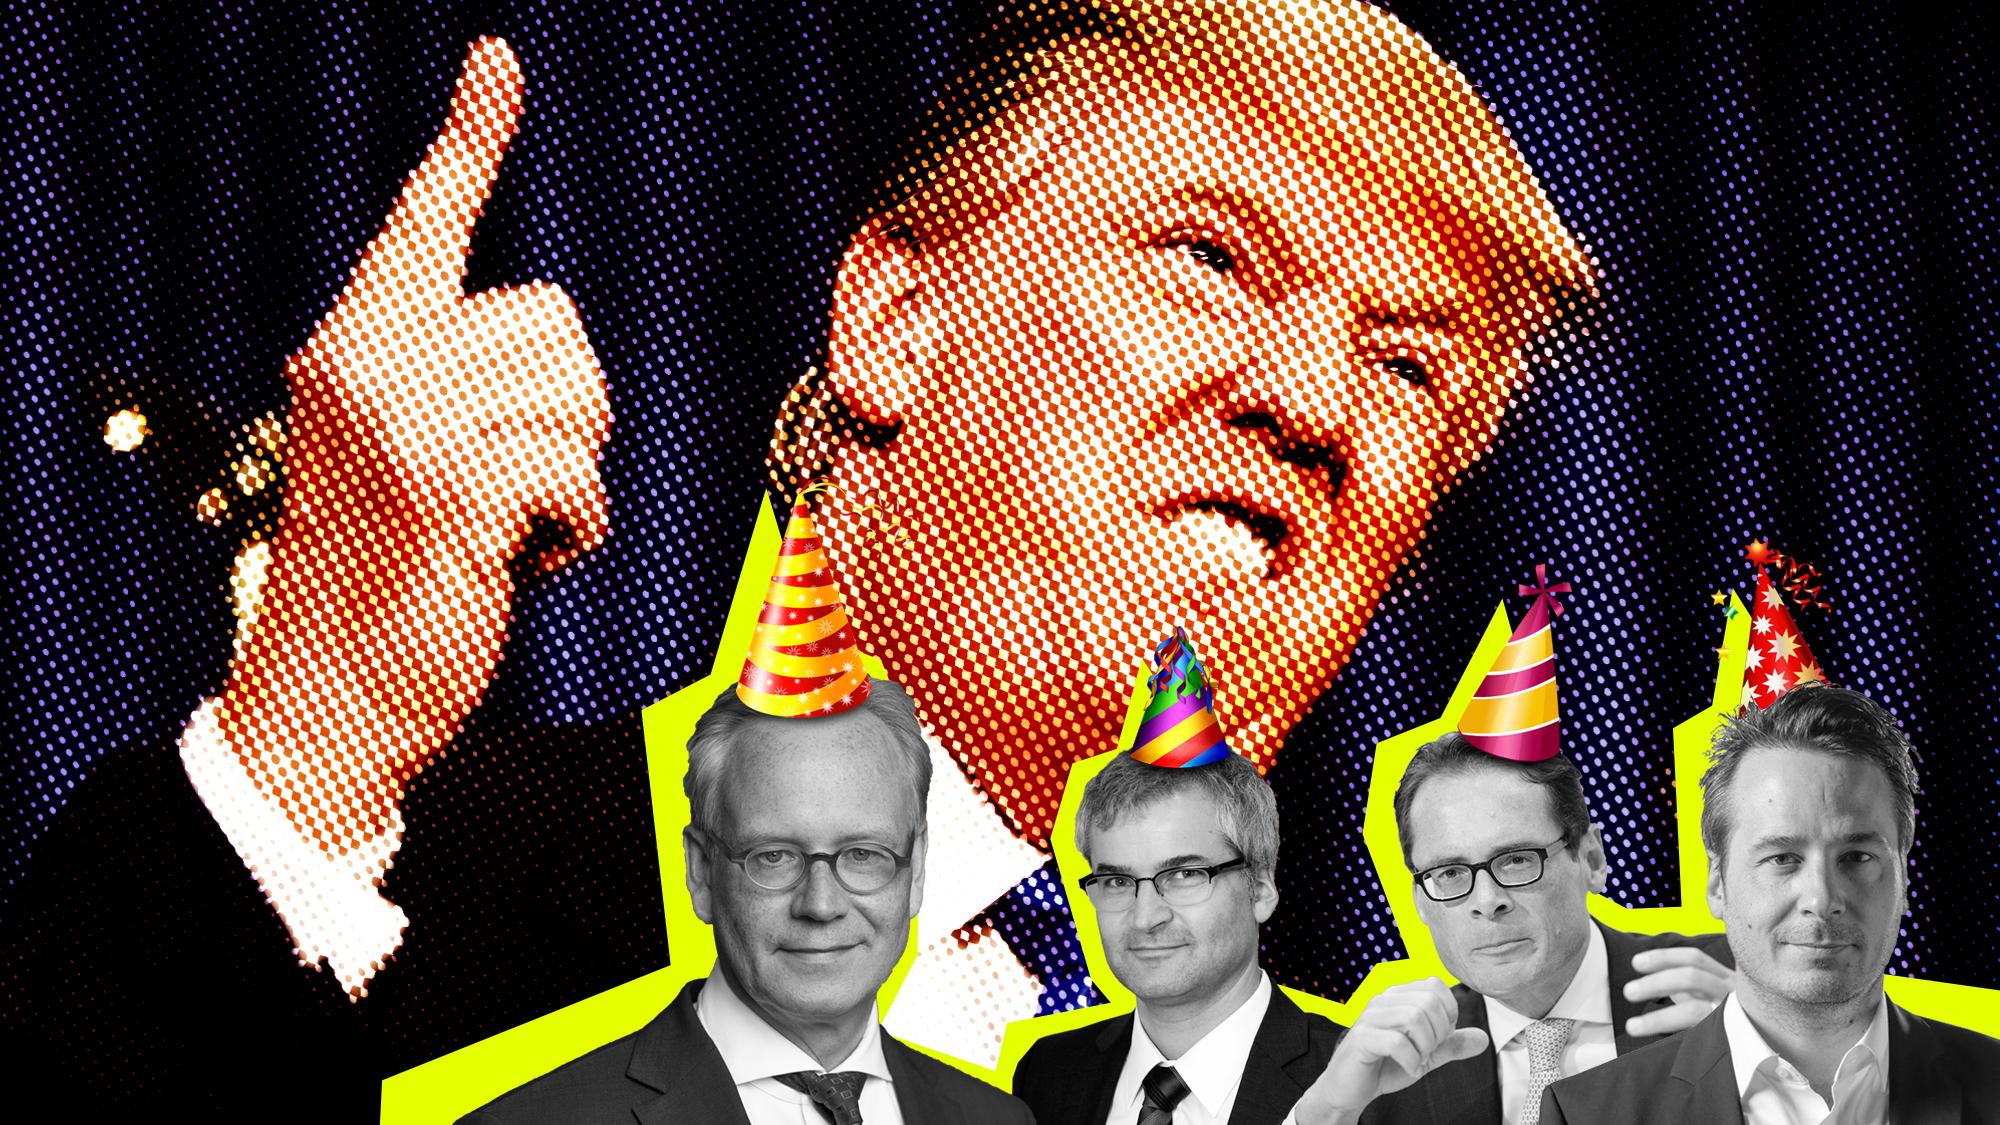 Die TagesWoche hat zum Trump-Wahl-Jubiläum gleich vier ausgewiesene Experten am Start.